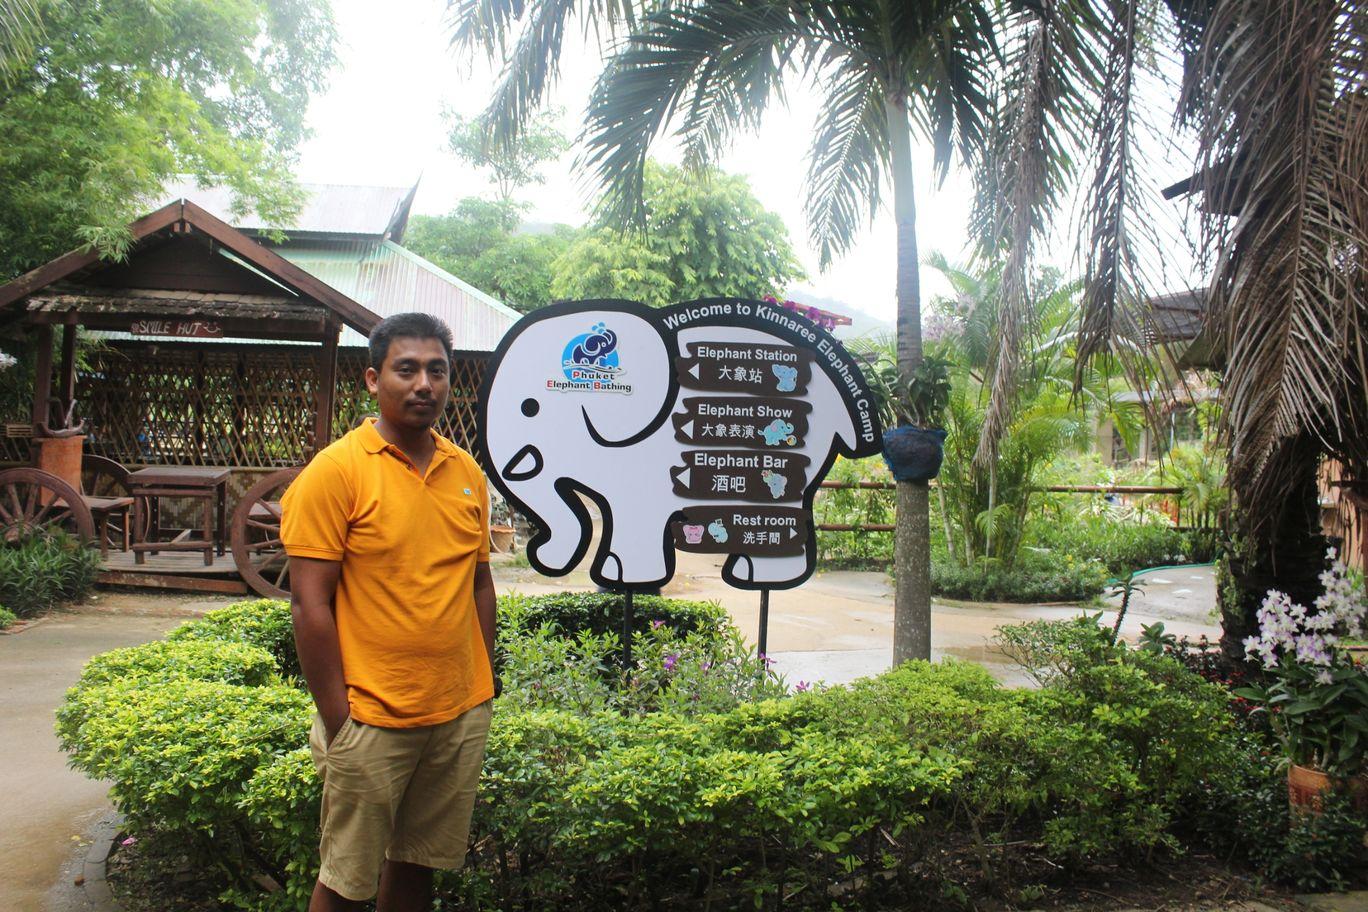 Photo of Phuket Elephant sanctuary By NIRUPAM BORGOHAIN